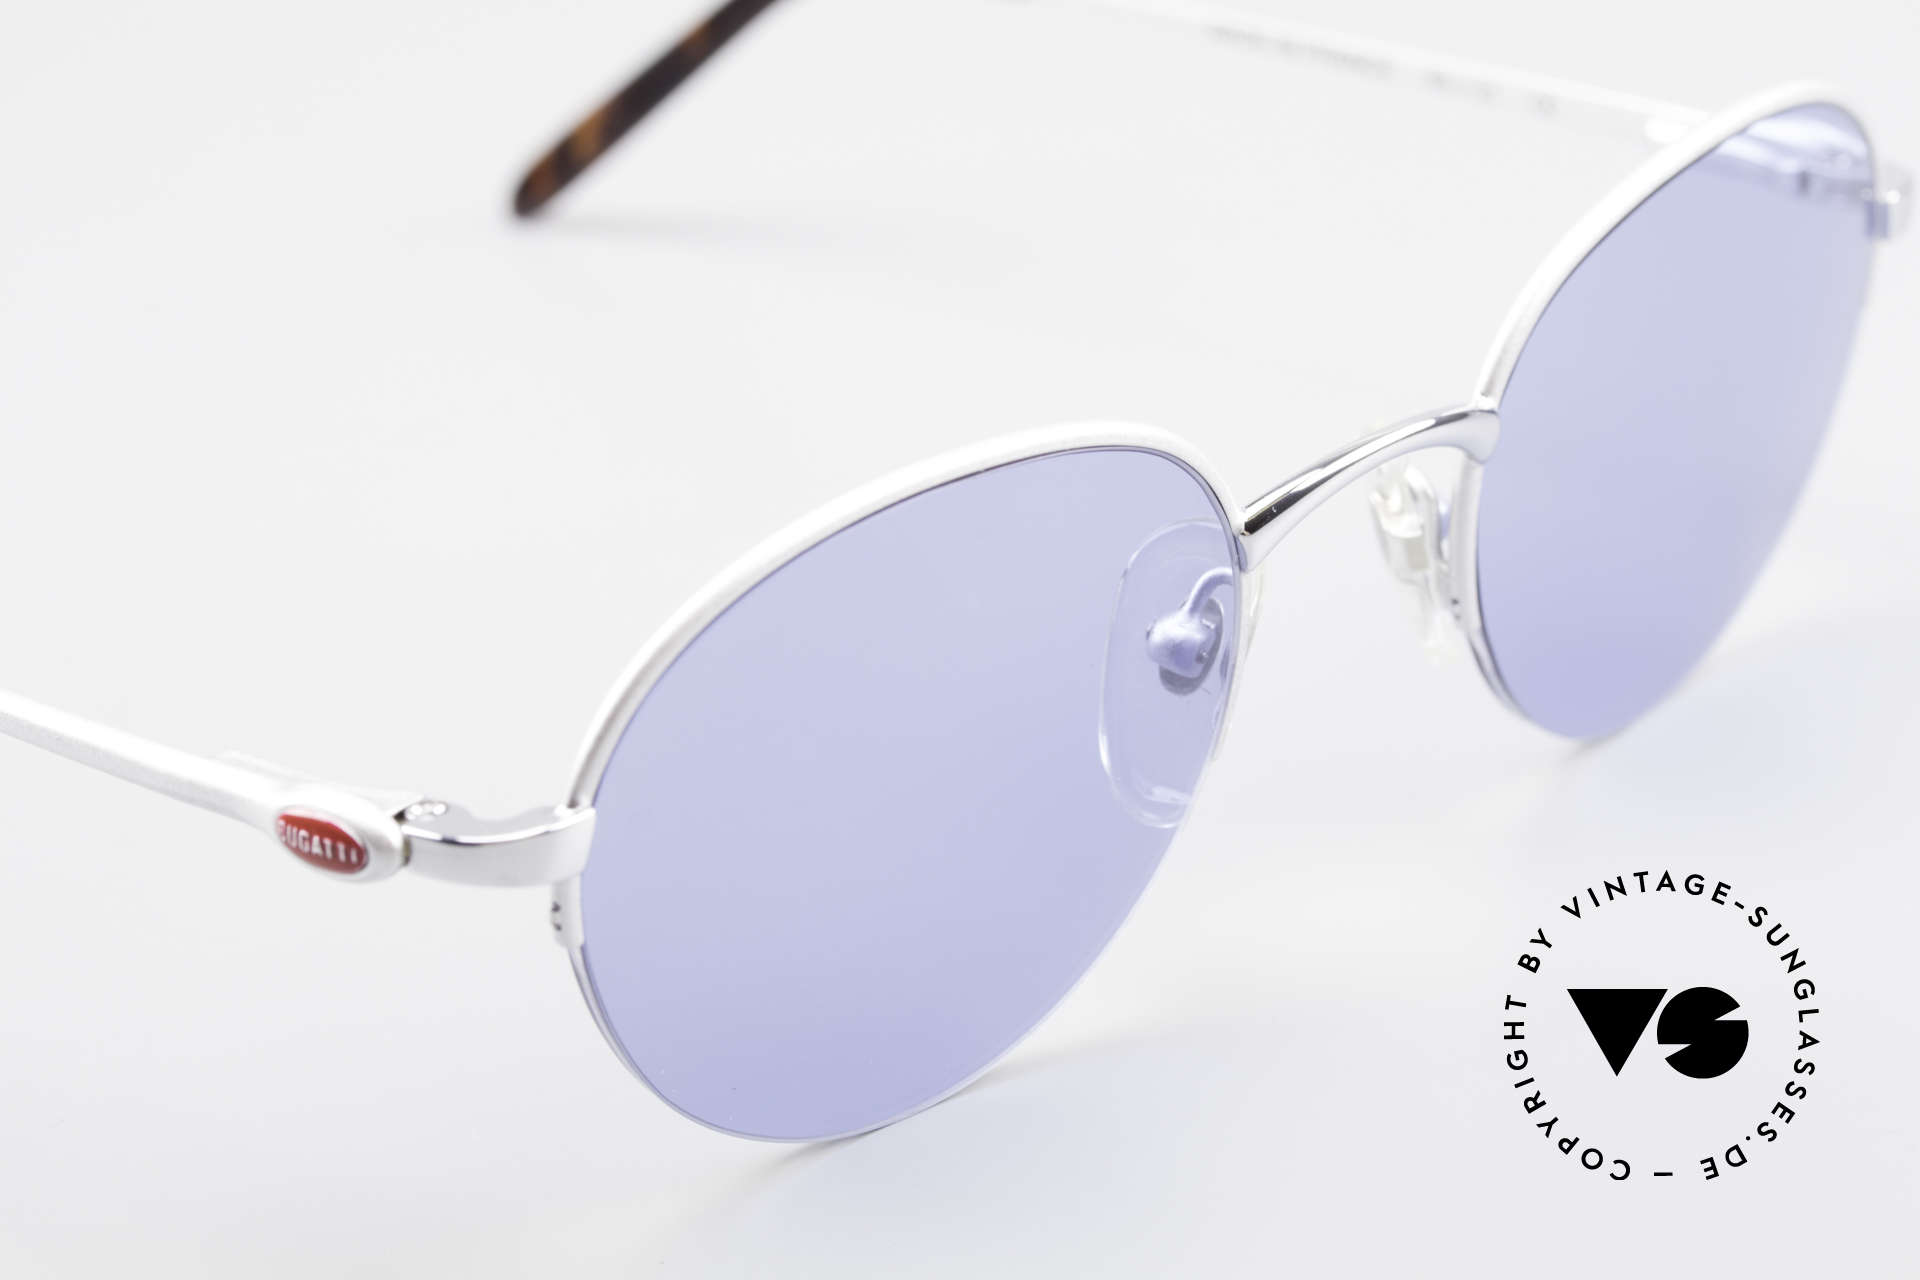 Bugatti 26670 Round Panto Bugatti Glasses, unworn (like all our rare vintage Bugatti sunglasses), Made for Men